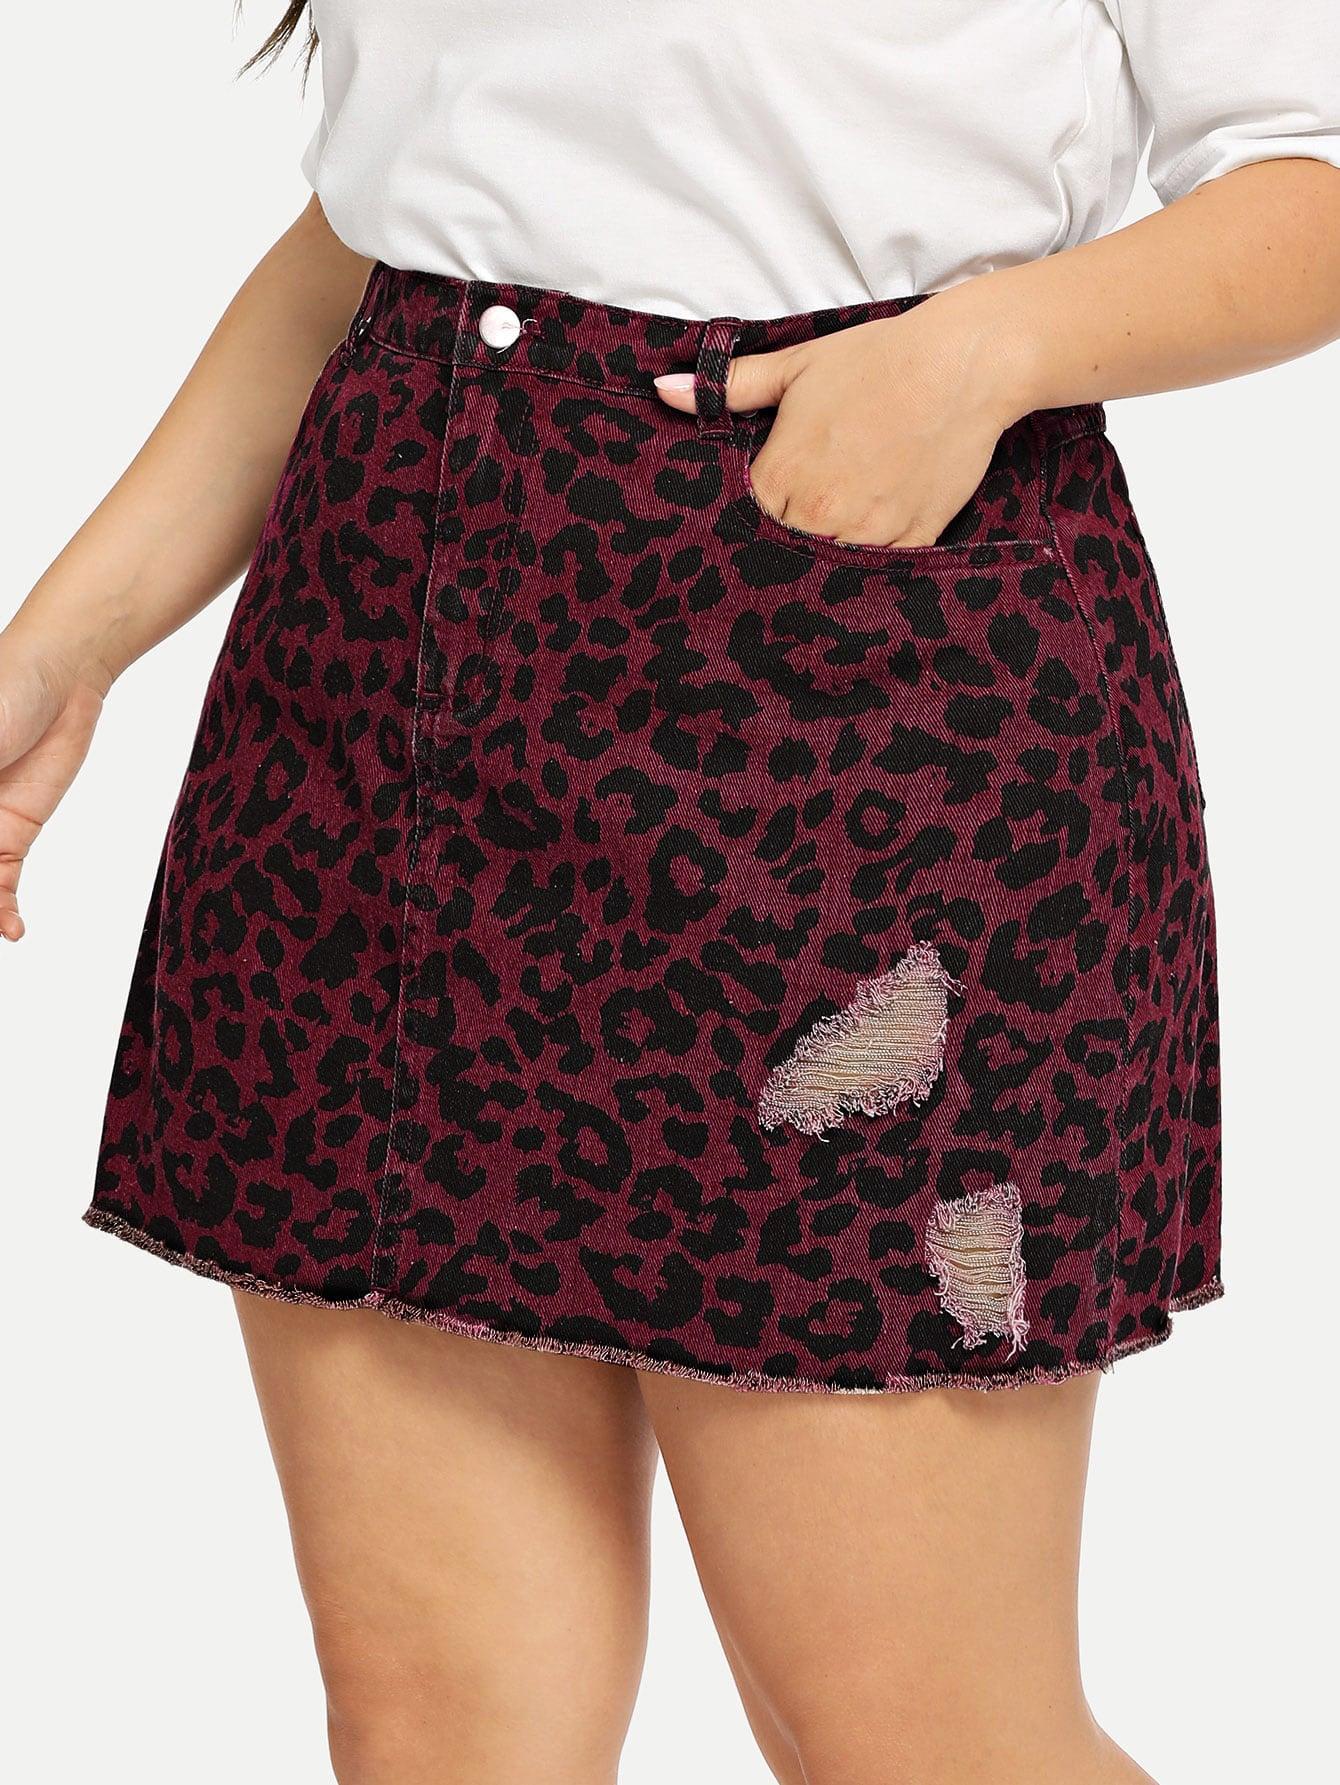 Купить Леопардовая рваная джинсовая юбка с необработанным низом размера плюс, Franziska, SheIn